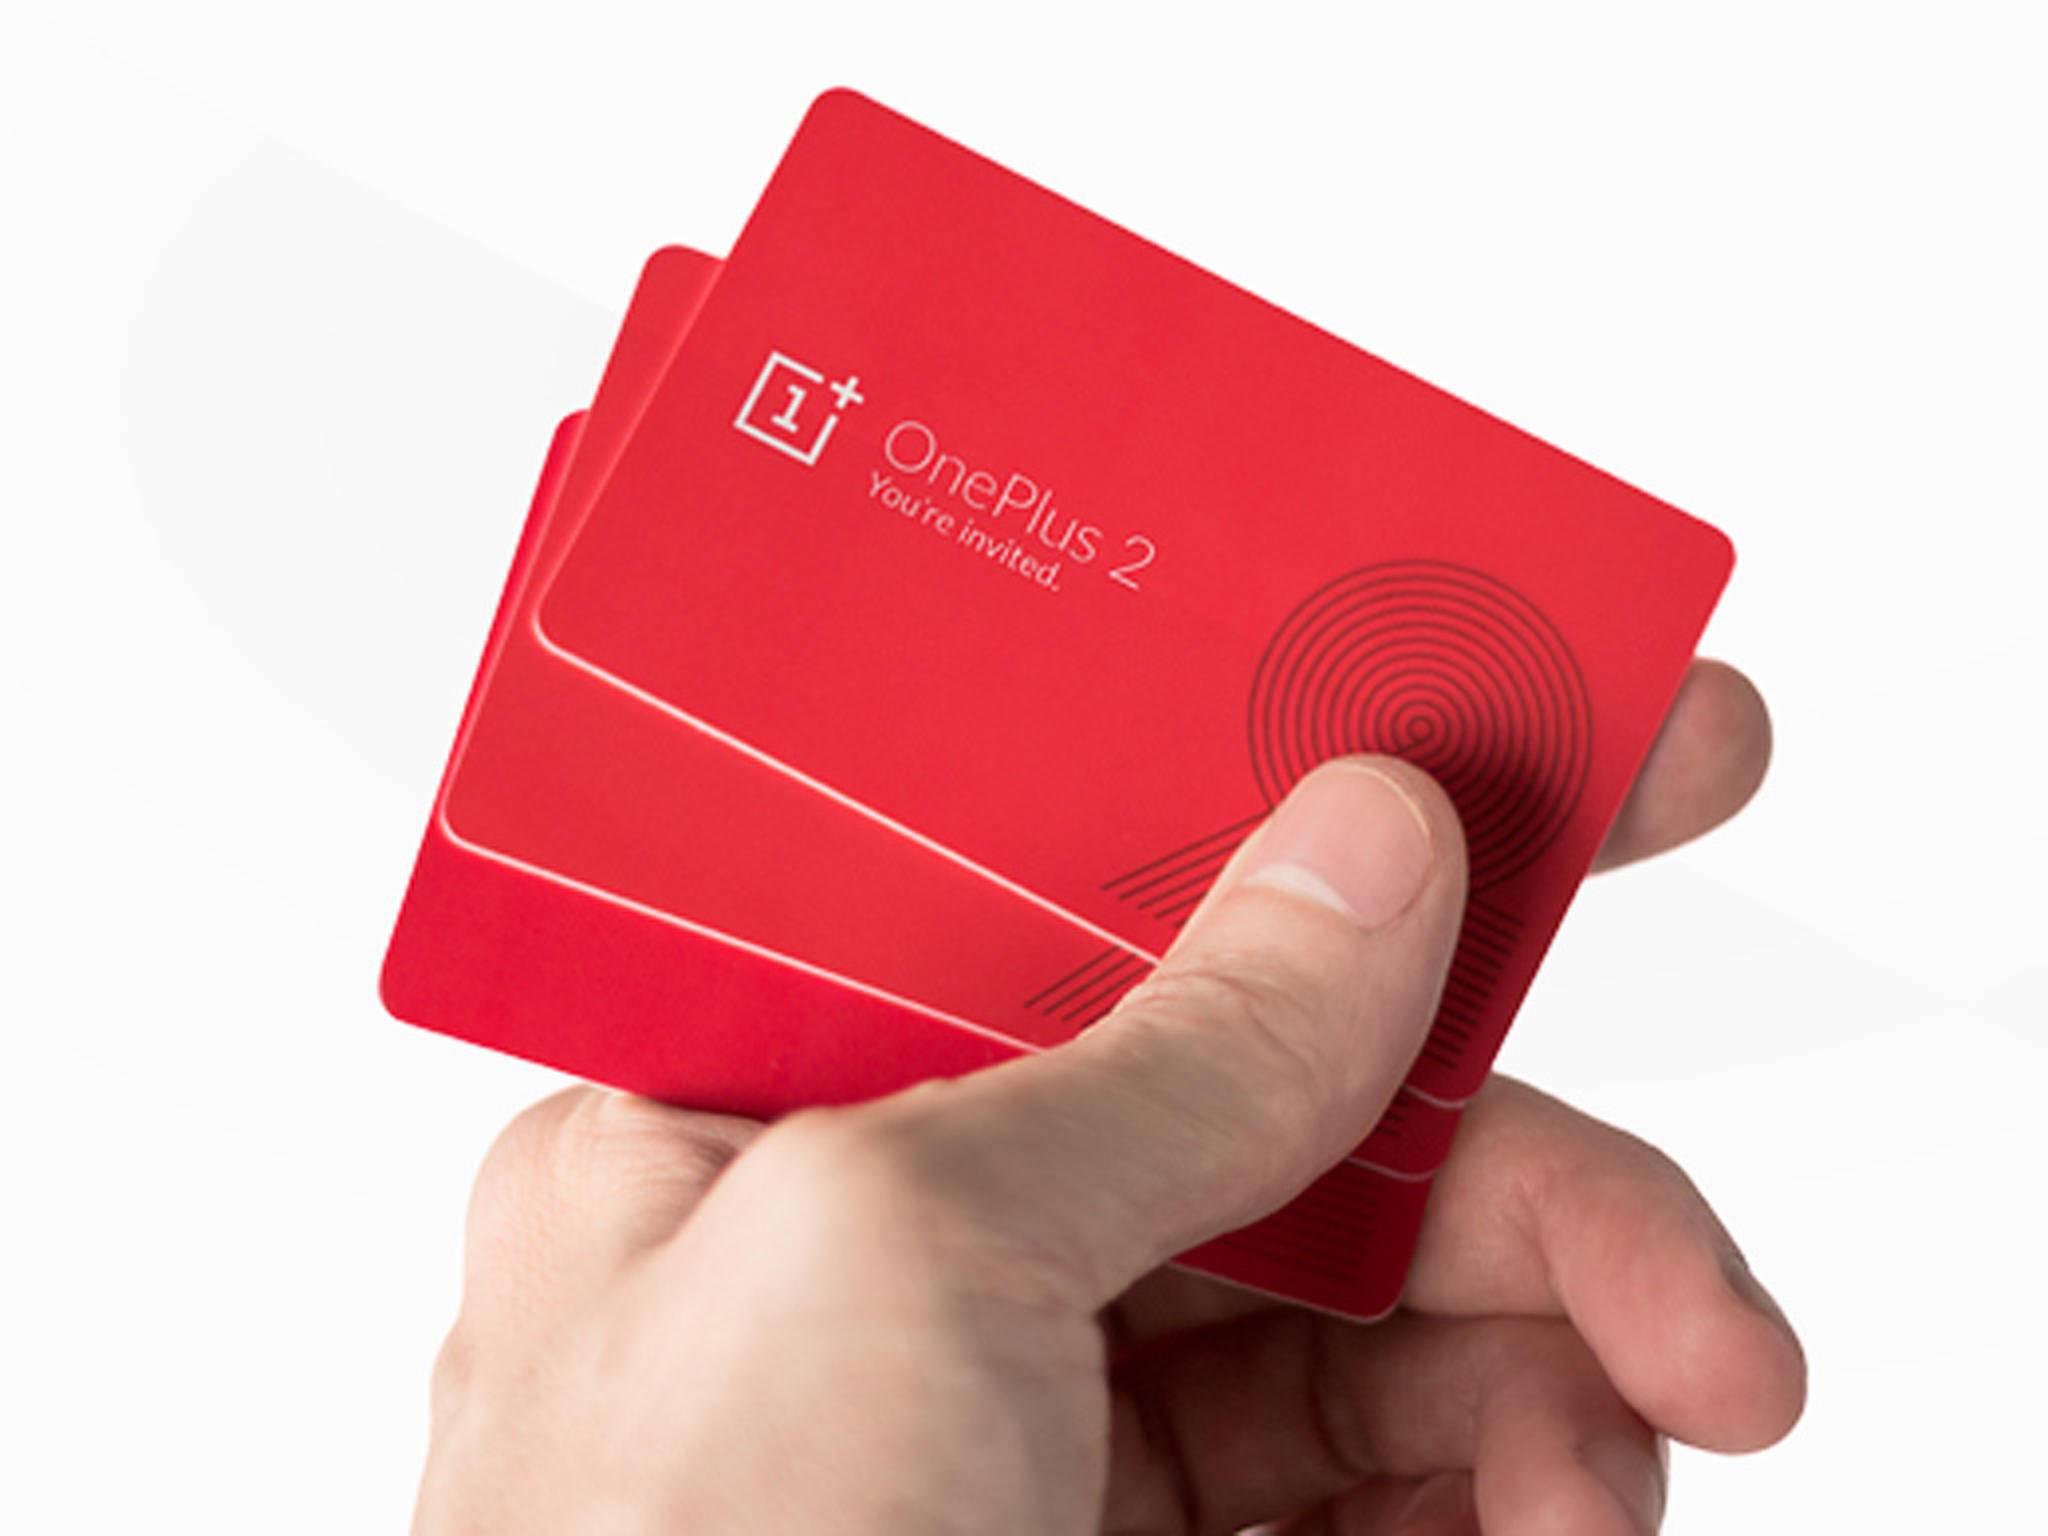 Ohne Einladung geht es auch beim OnePlus 2 nicht.